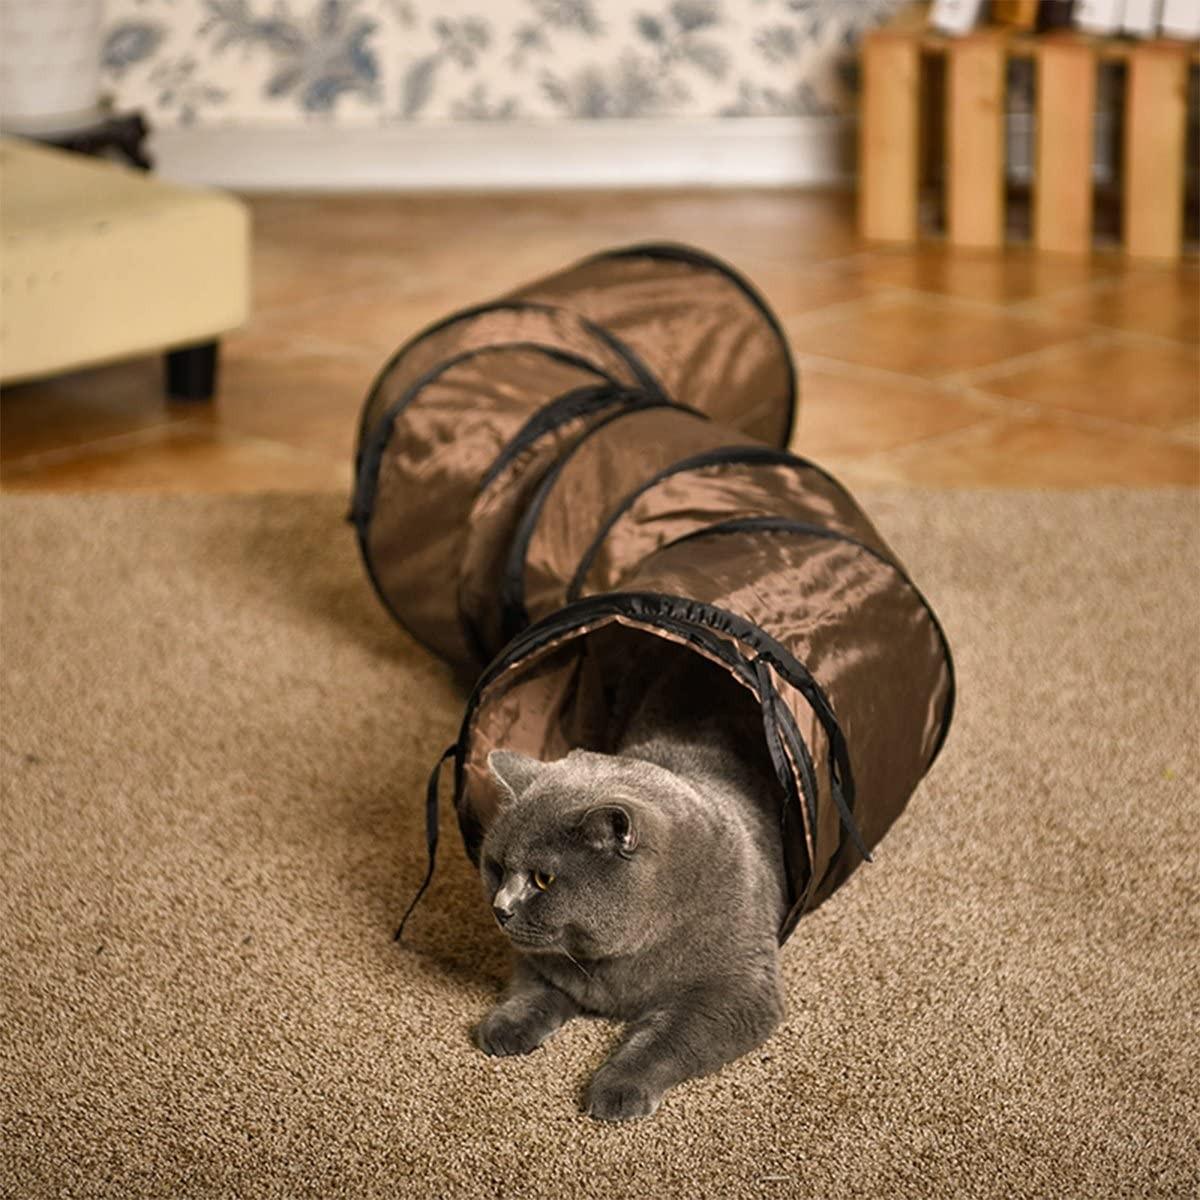 Pawz Brinquedo de Gatos Interativo, Túnel Dobrável para Coelhos, Gatinhos, Furões e Cães Pequenos com Dois Furos Espiados Azul (Foto: Divulgação)